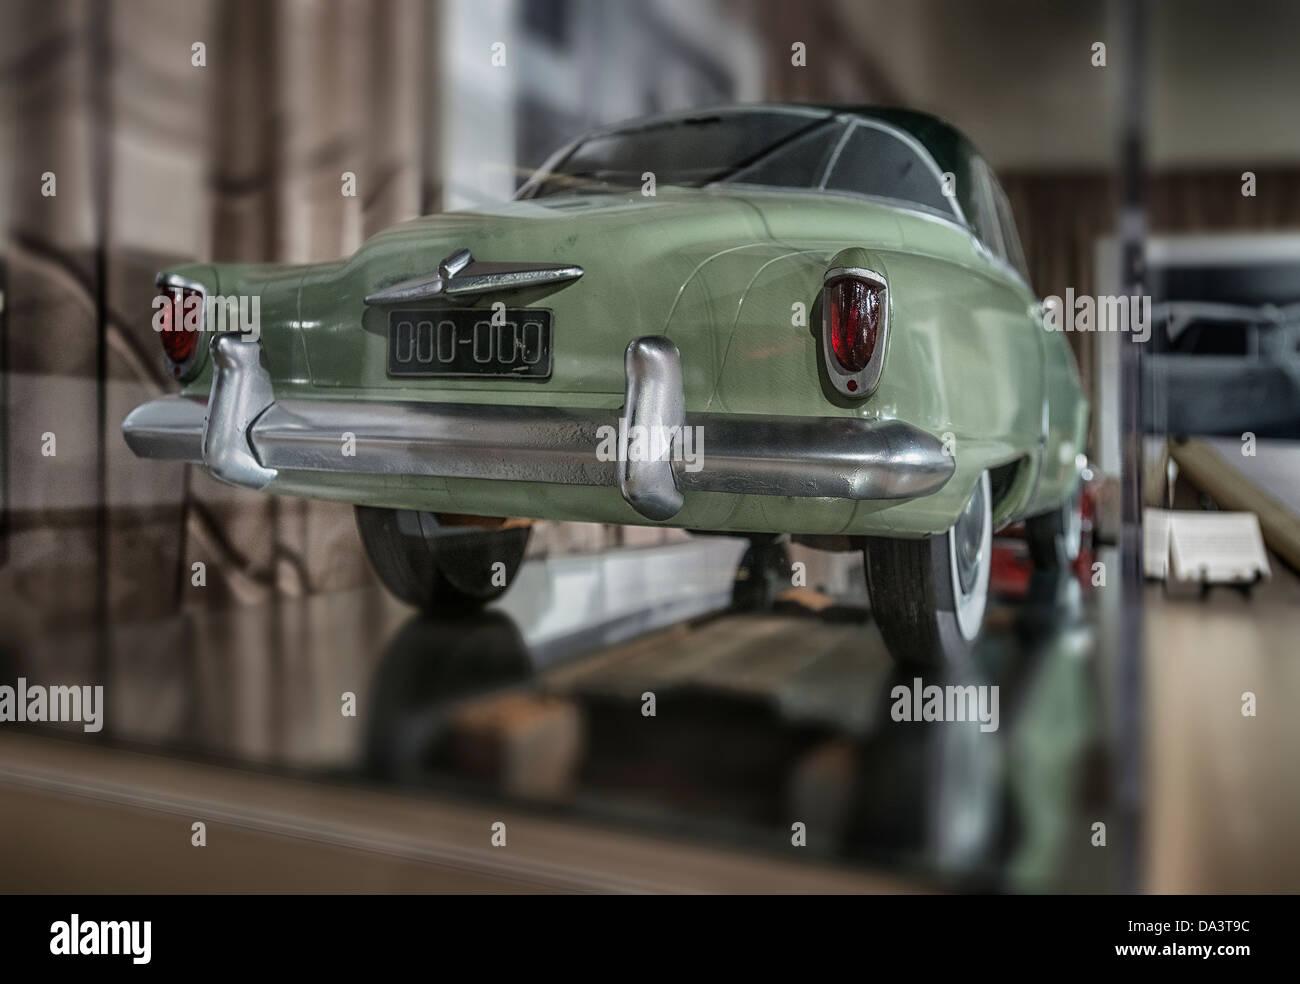 Un estudio de diseño para un modelo de arcilla1950's Studebaker automobile Imagen De Stock